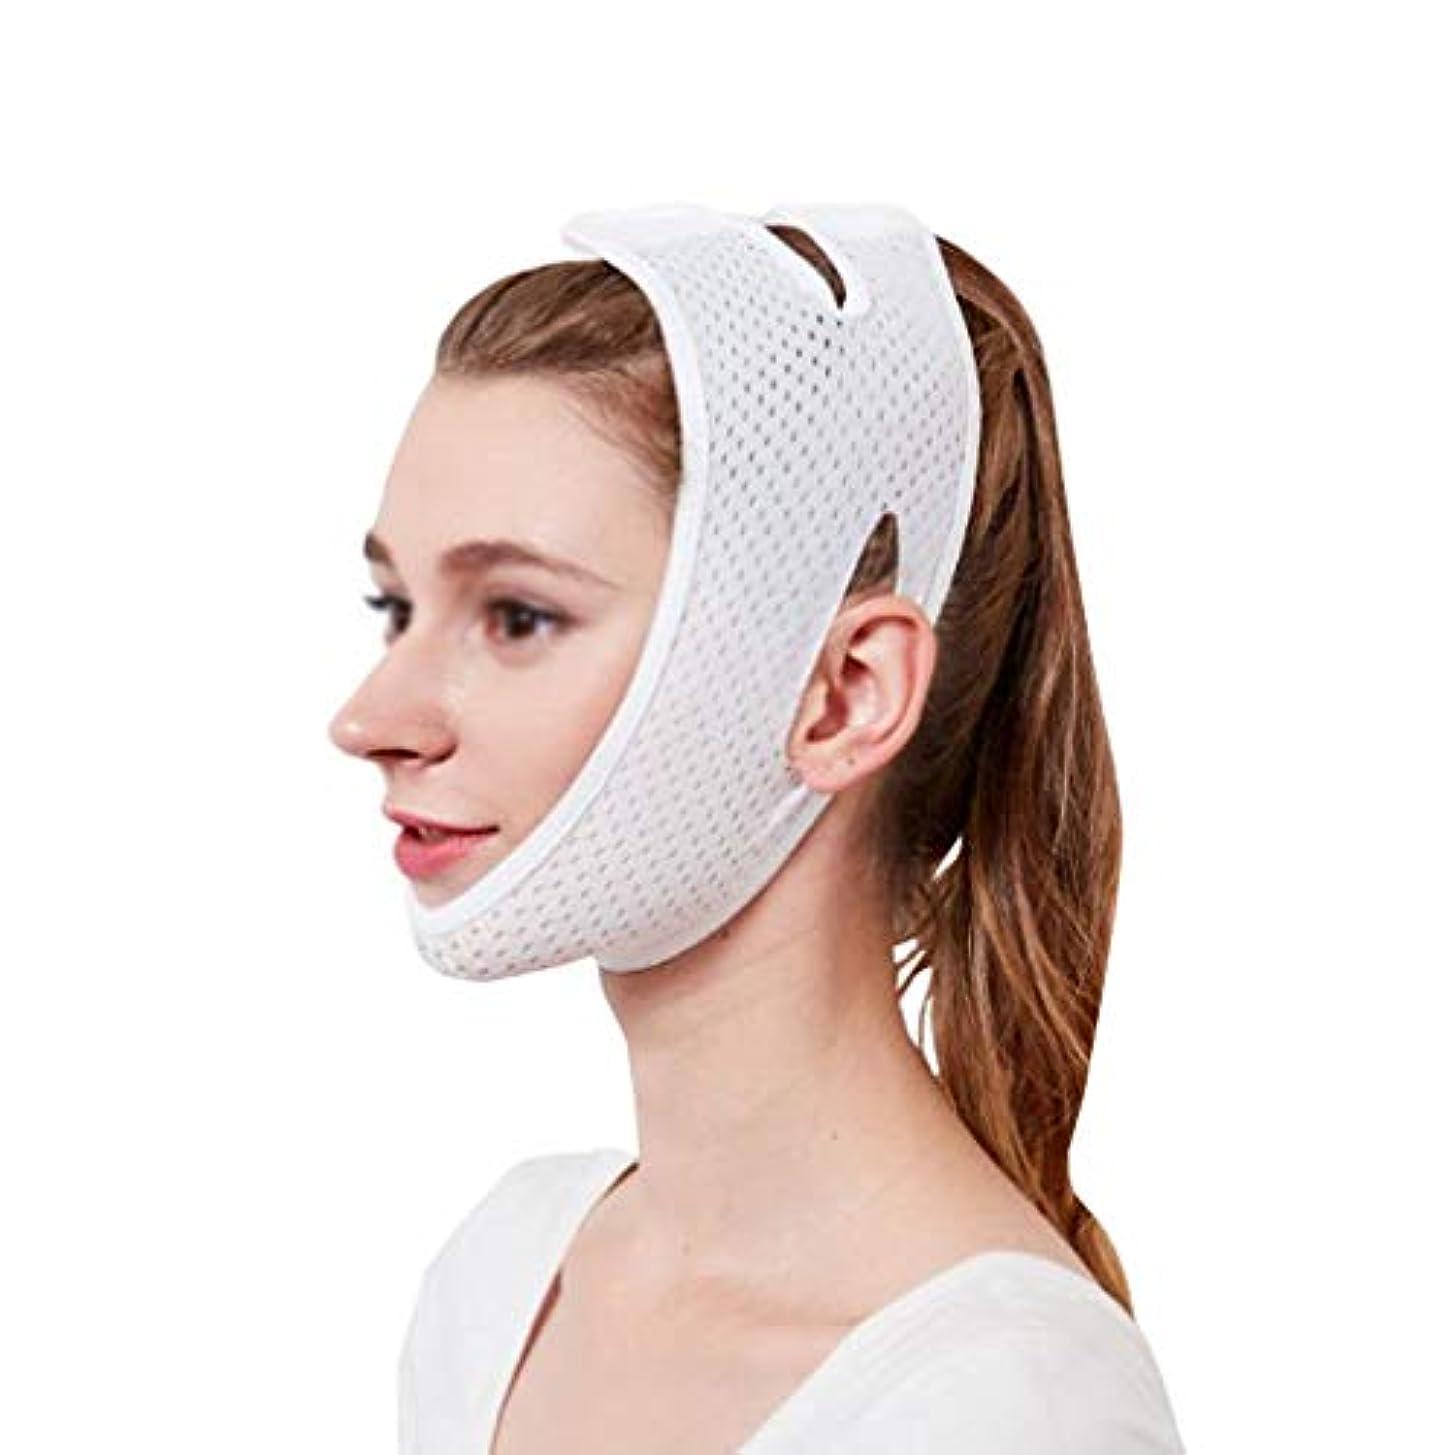 樹皮出席動かすZWBD フェイスマスク, 薄いフェイスマスク通気性睡眠ベルトアーティファクト包帯小さなVフェイス薄いダブルチンリフトフェイスマスク引き締めフェイスマスク